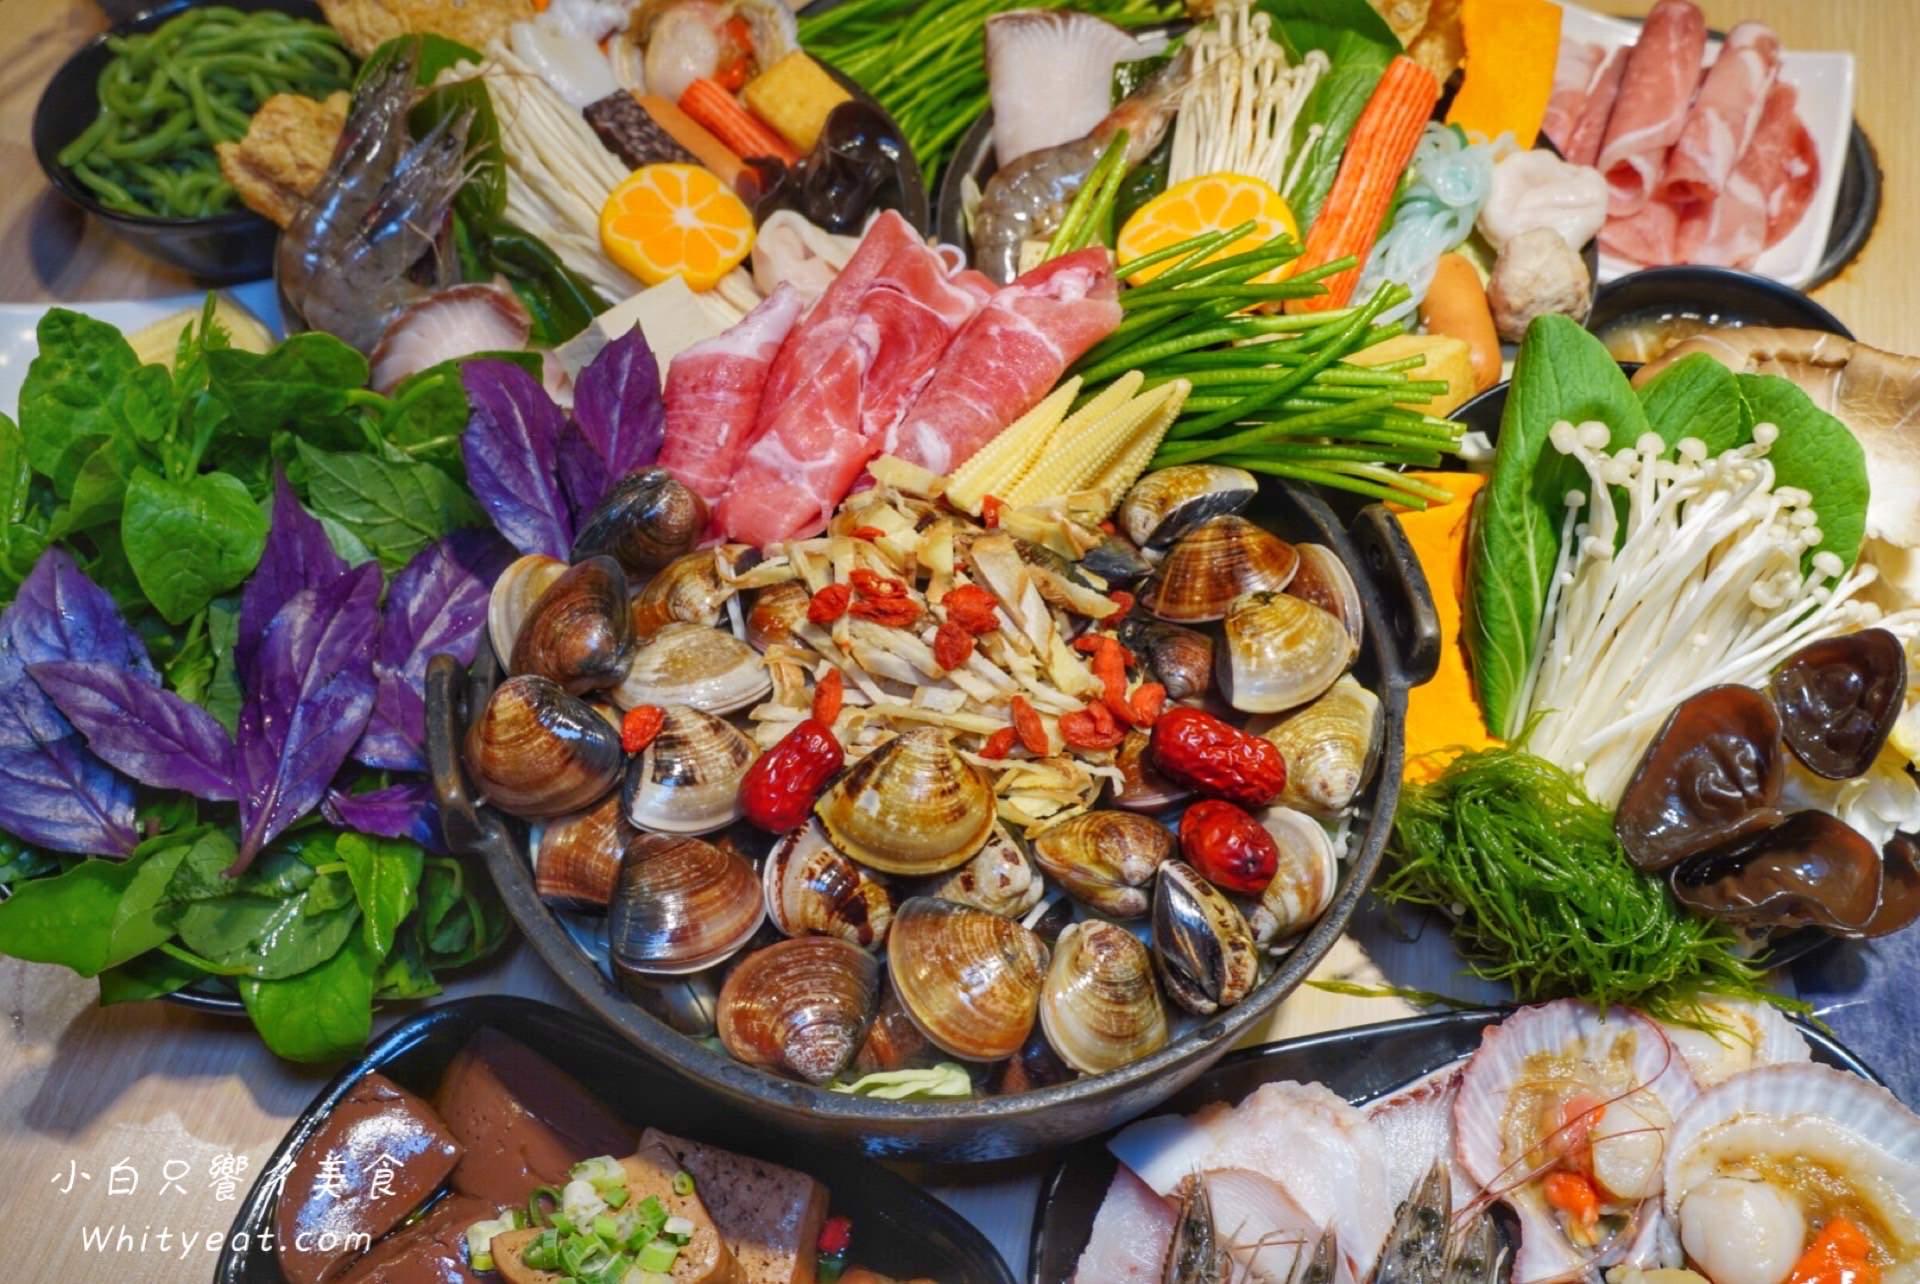 高雄火鍋【茉荳獨享鍋】新推出「蛤蜊鍋」爆量上市!高達18種火鍋口味 CP值高的百元平價個人火鍋